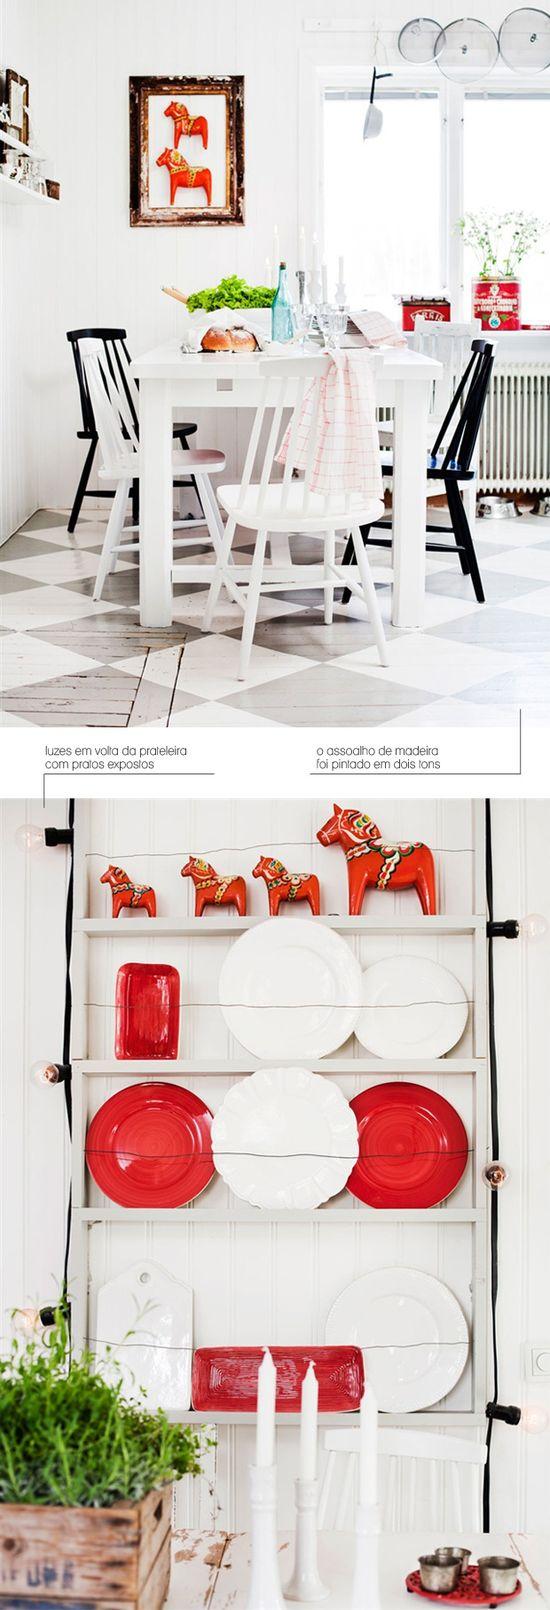 cozy kitchen + painted floor #decor #kitchen #cozinha